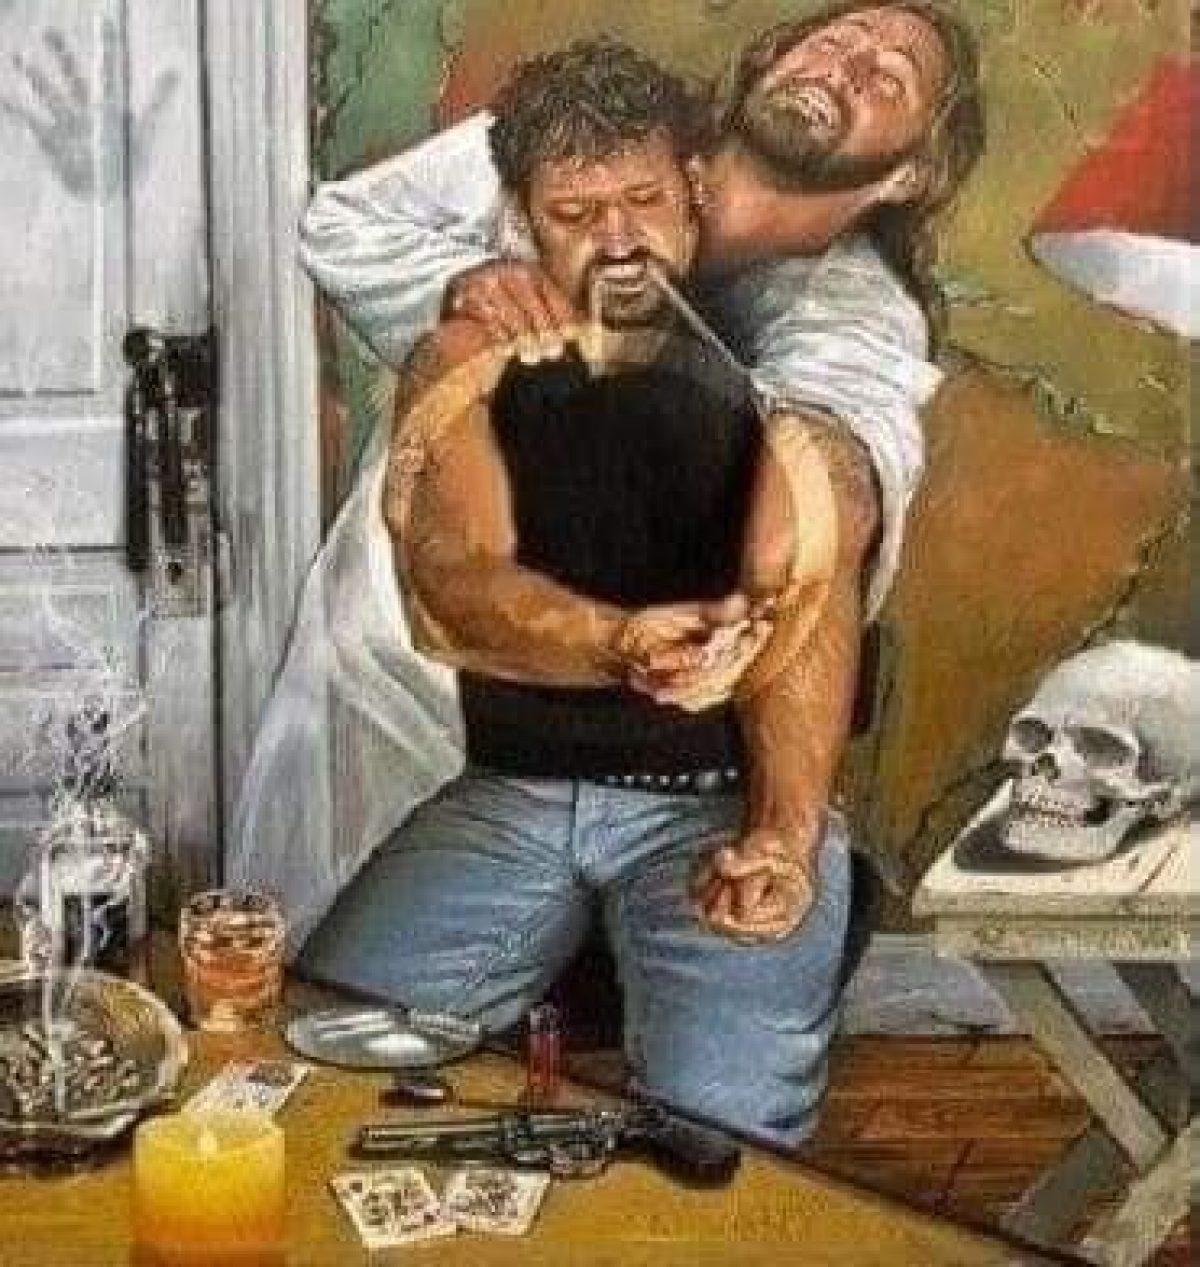 Να δείτε που οι άνθρωποι του περιθωρίου και οι »τελειωμένοι» θα μας σπρώξουν στον Παράδεισο!